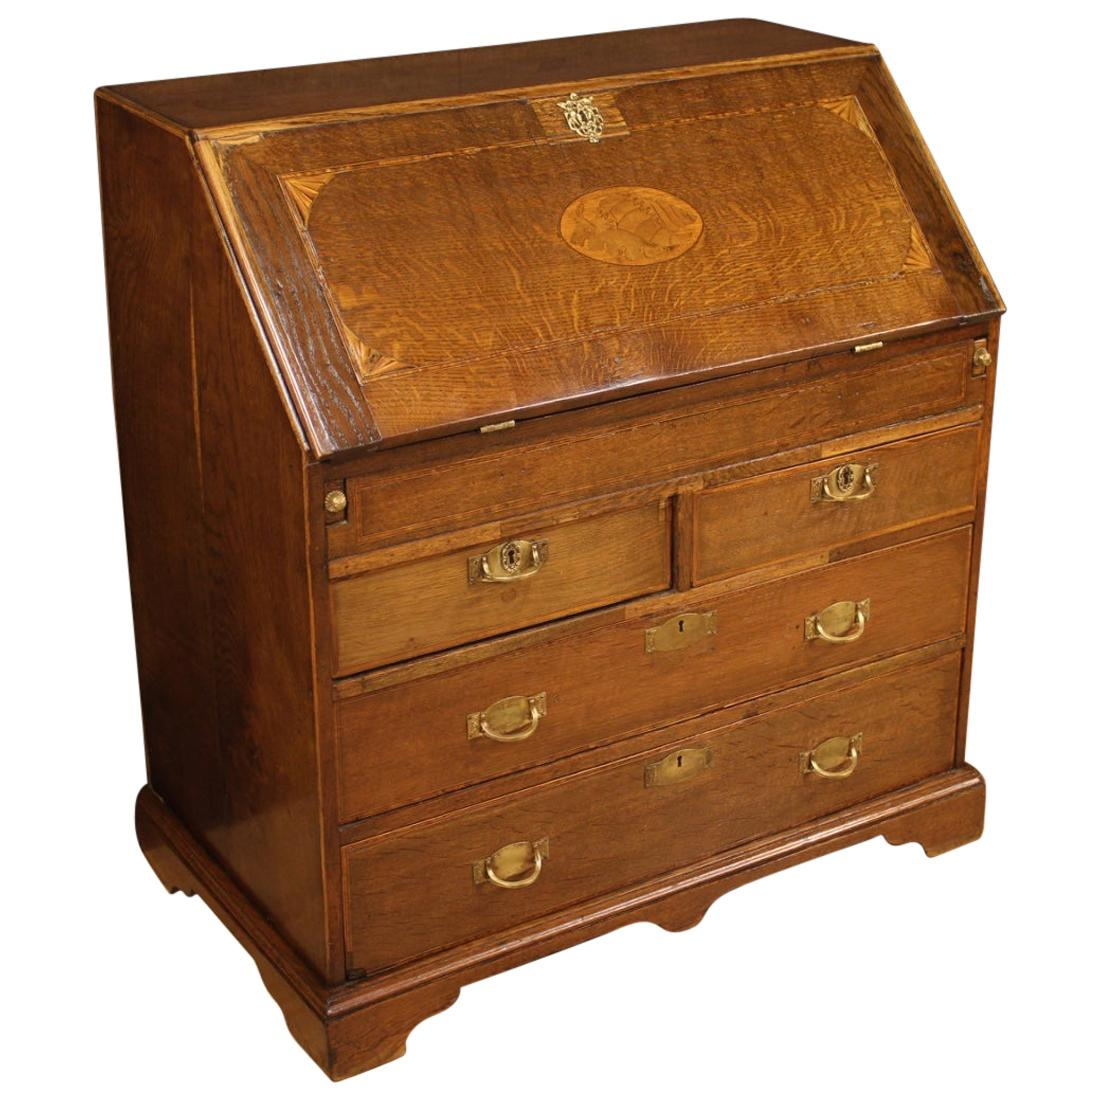 19th Century Inlaid Wood English Bureau Desk, 1870